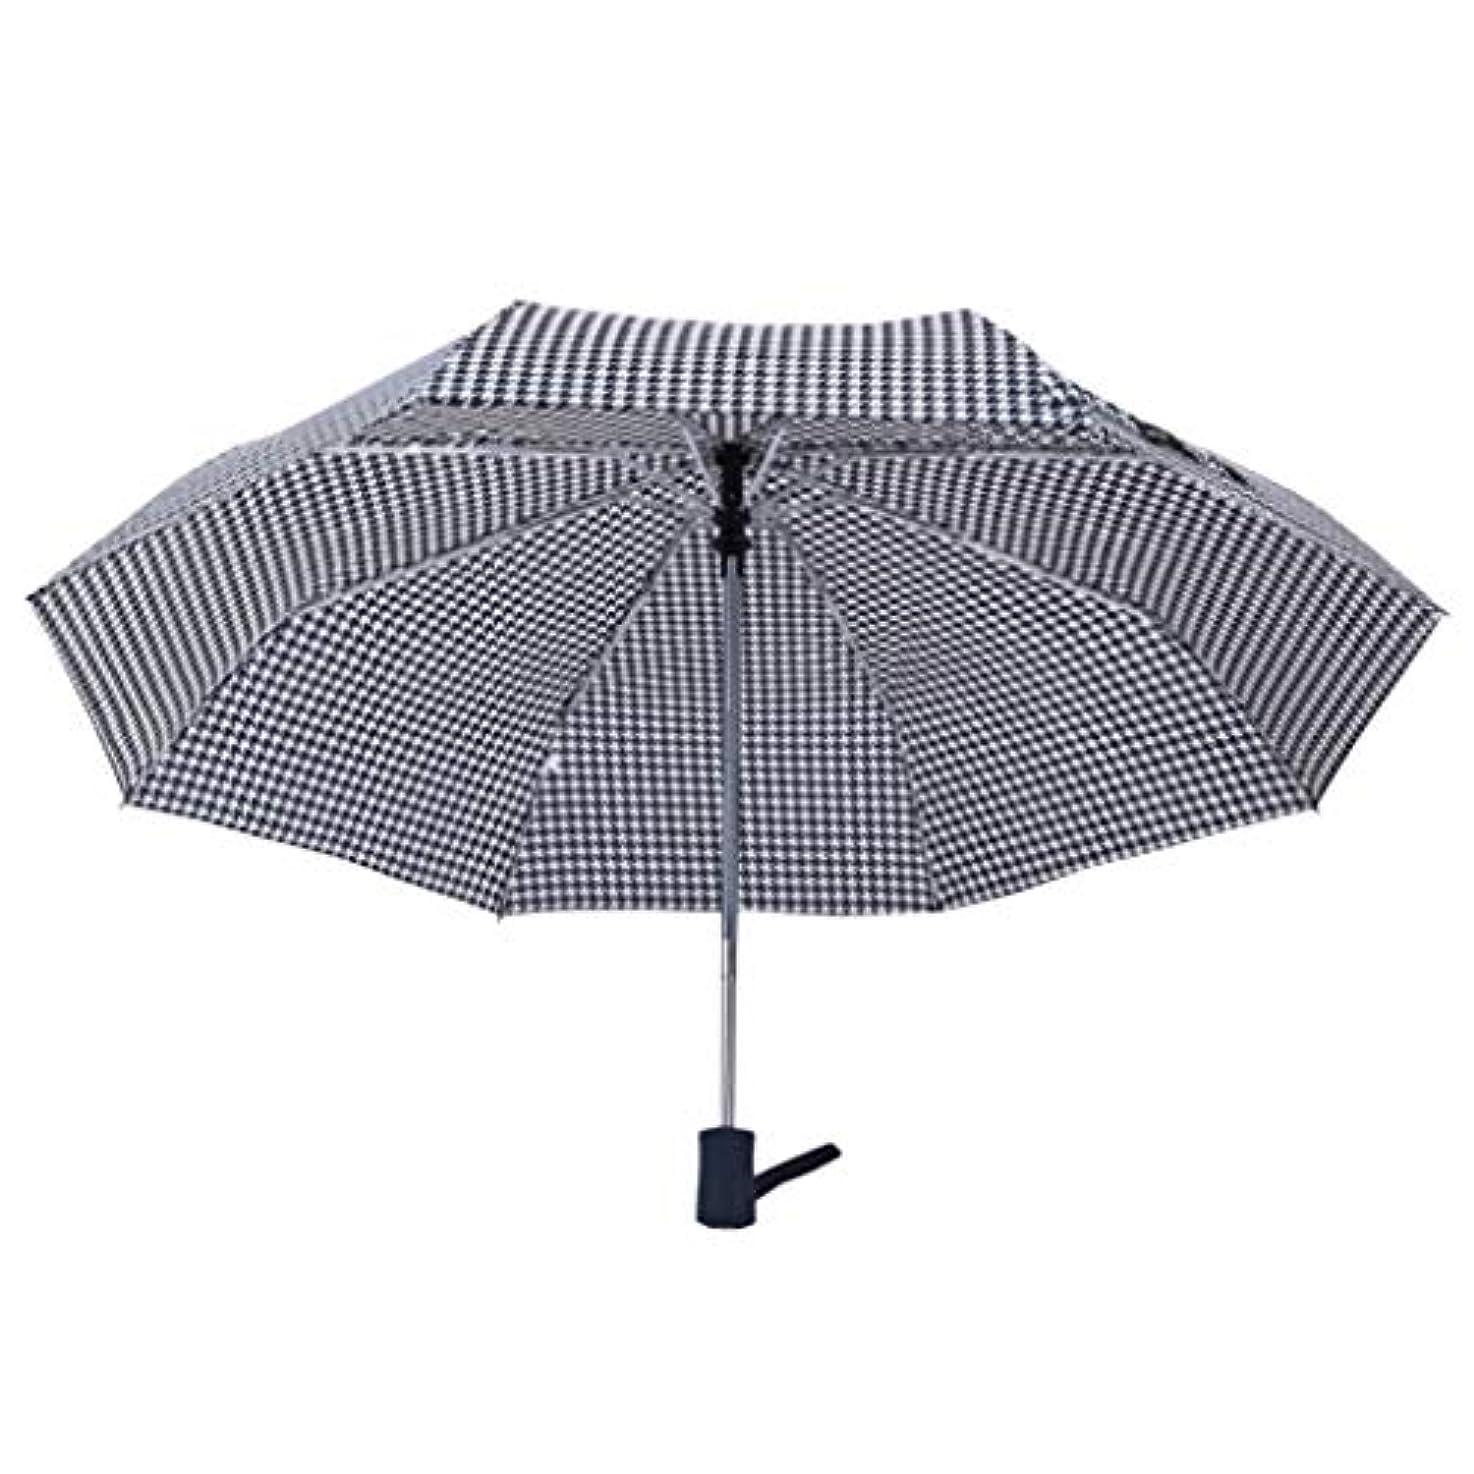 一瞬別々に鍔傘、ファッショナブルな格子、アルミ傘の骨、大人の屋外レジャー、日当たりの良い傘、便利な70パーセントの自動傘。